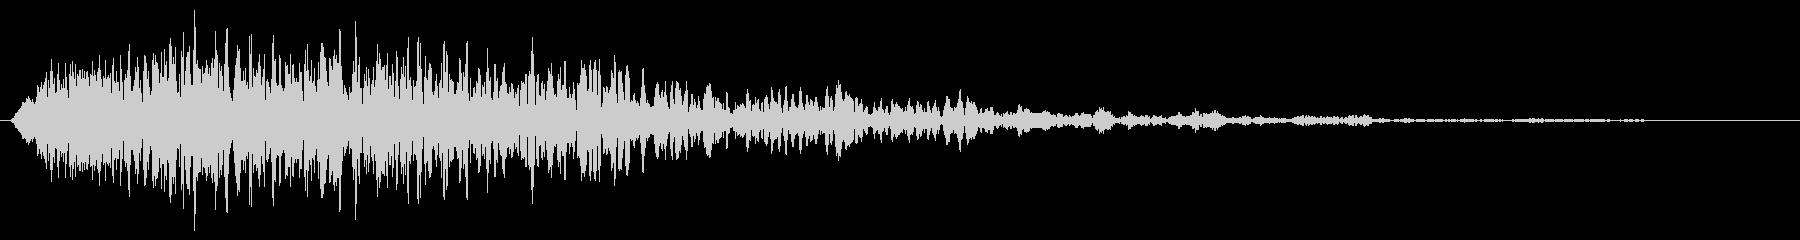 ヒューン(落下音・ステータス下降など)の未再生の波形